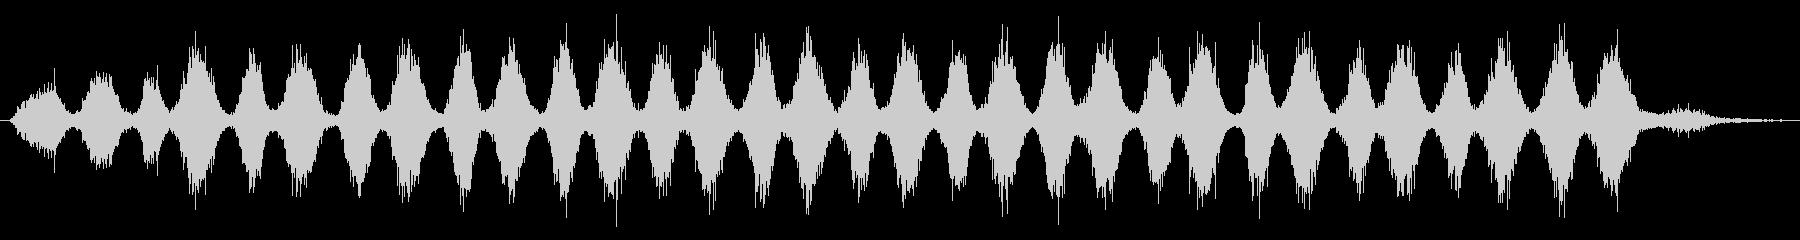 剛毛プッシュほうき:コンクリートの...の未再生の波形